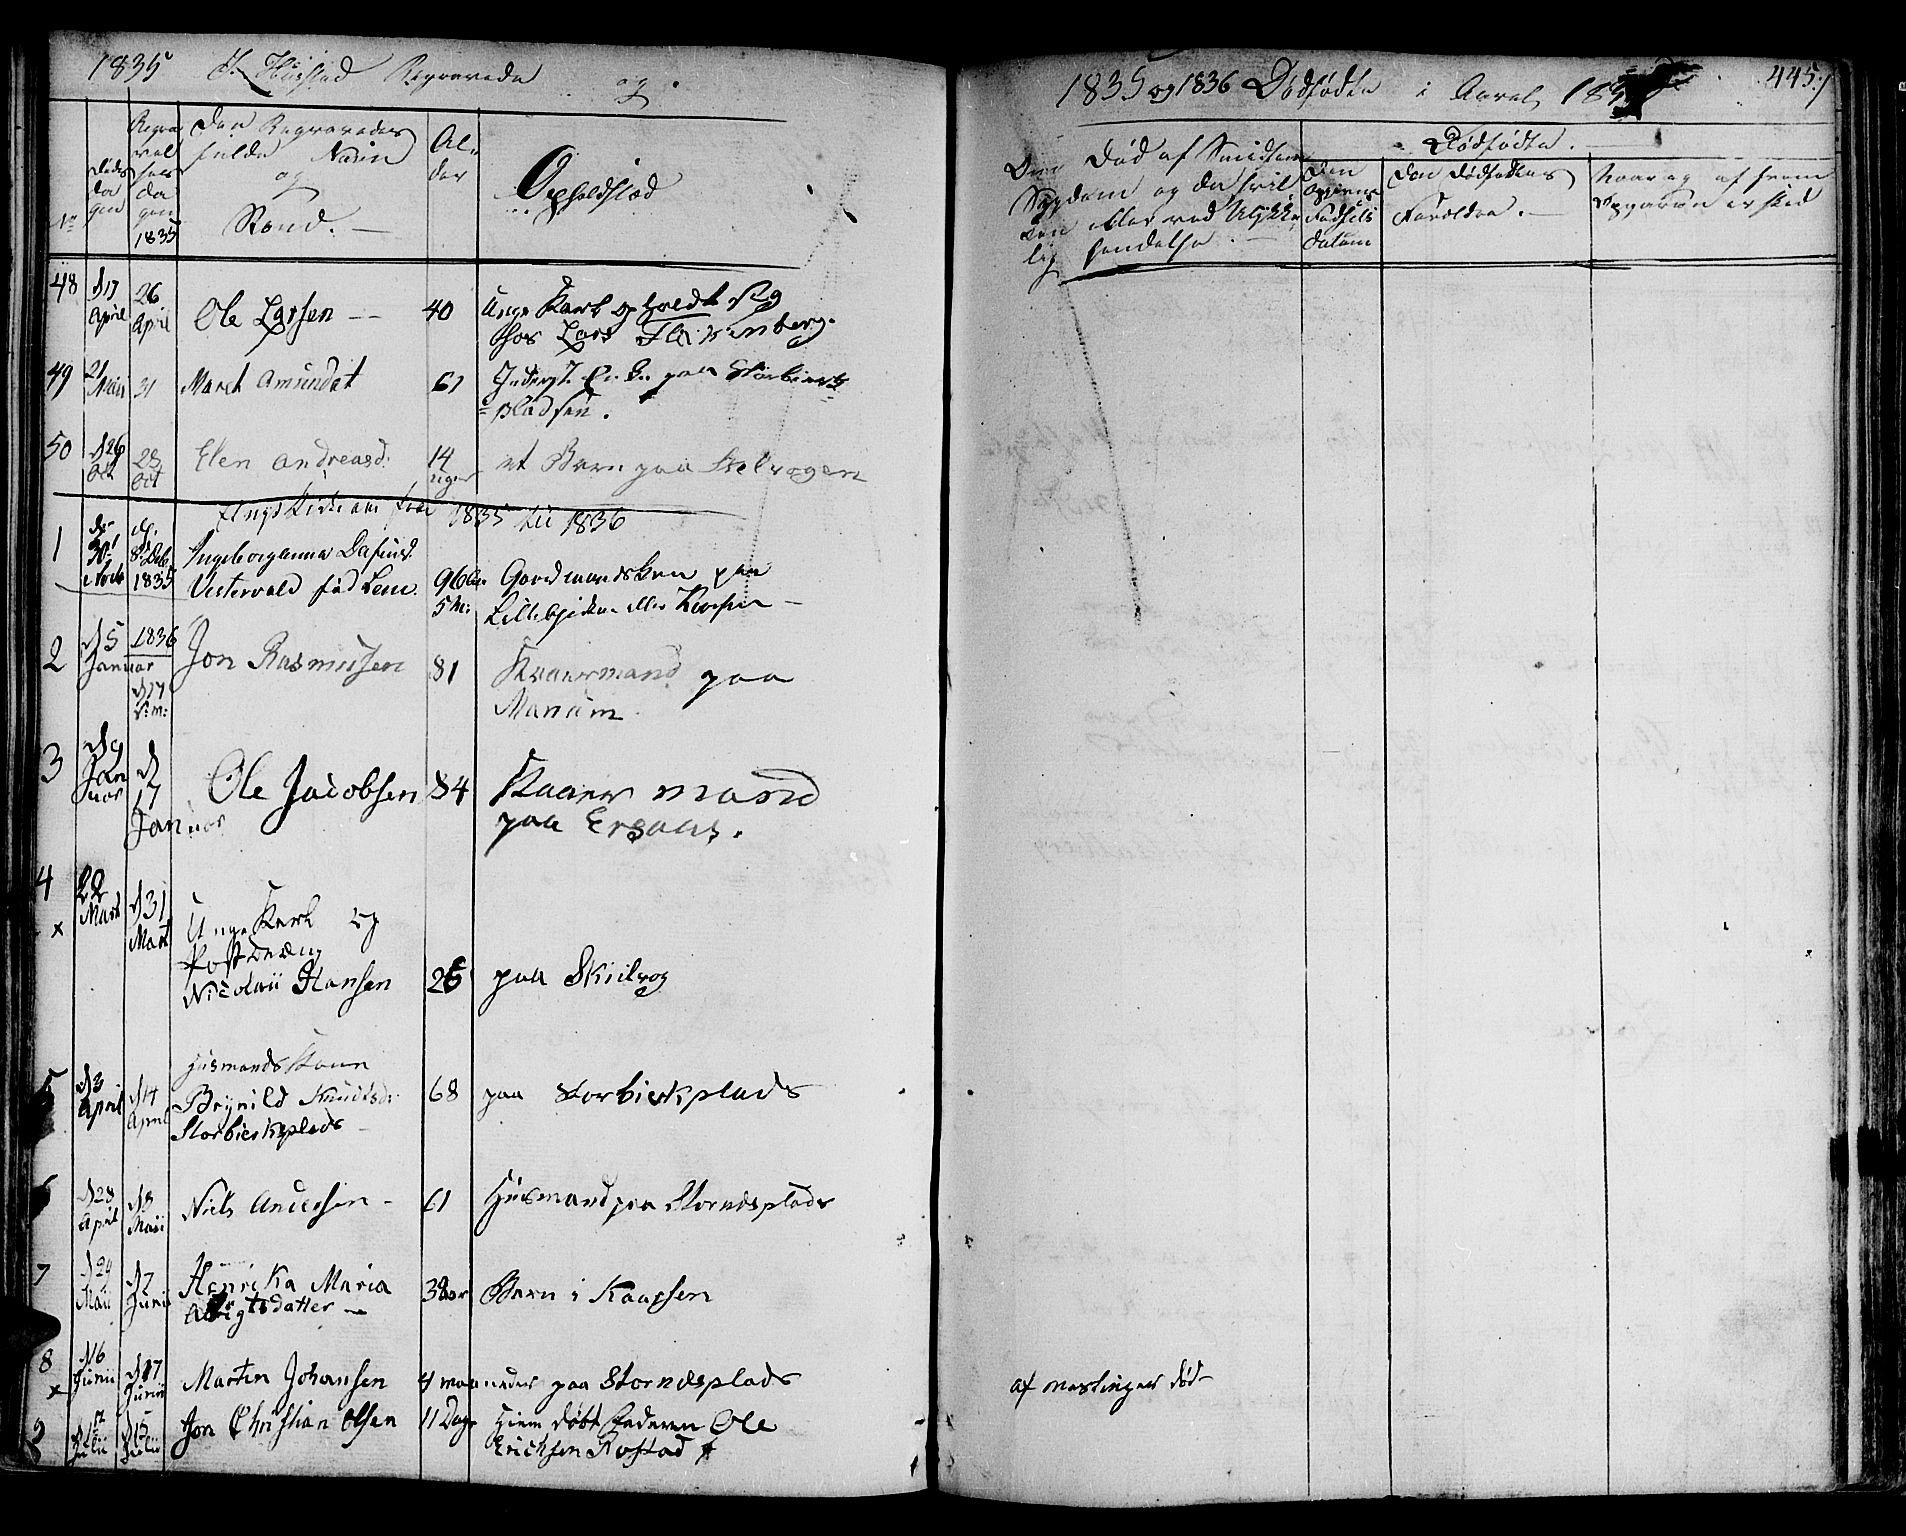 SAT, Ministerialprotokoller, klokkerbøker og fødselsregistre - Nord-Trøndelag, 730/L0277: Ministerialbok nr. 730A06 /3, 1830-1839, s. 445